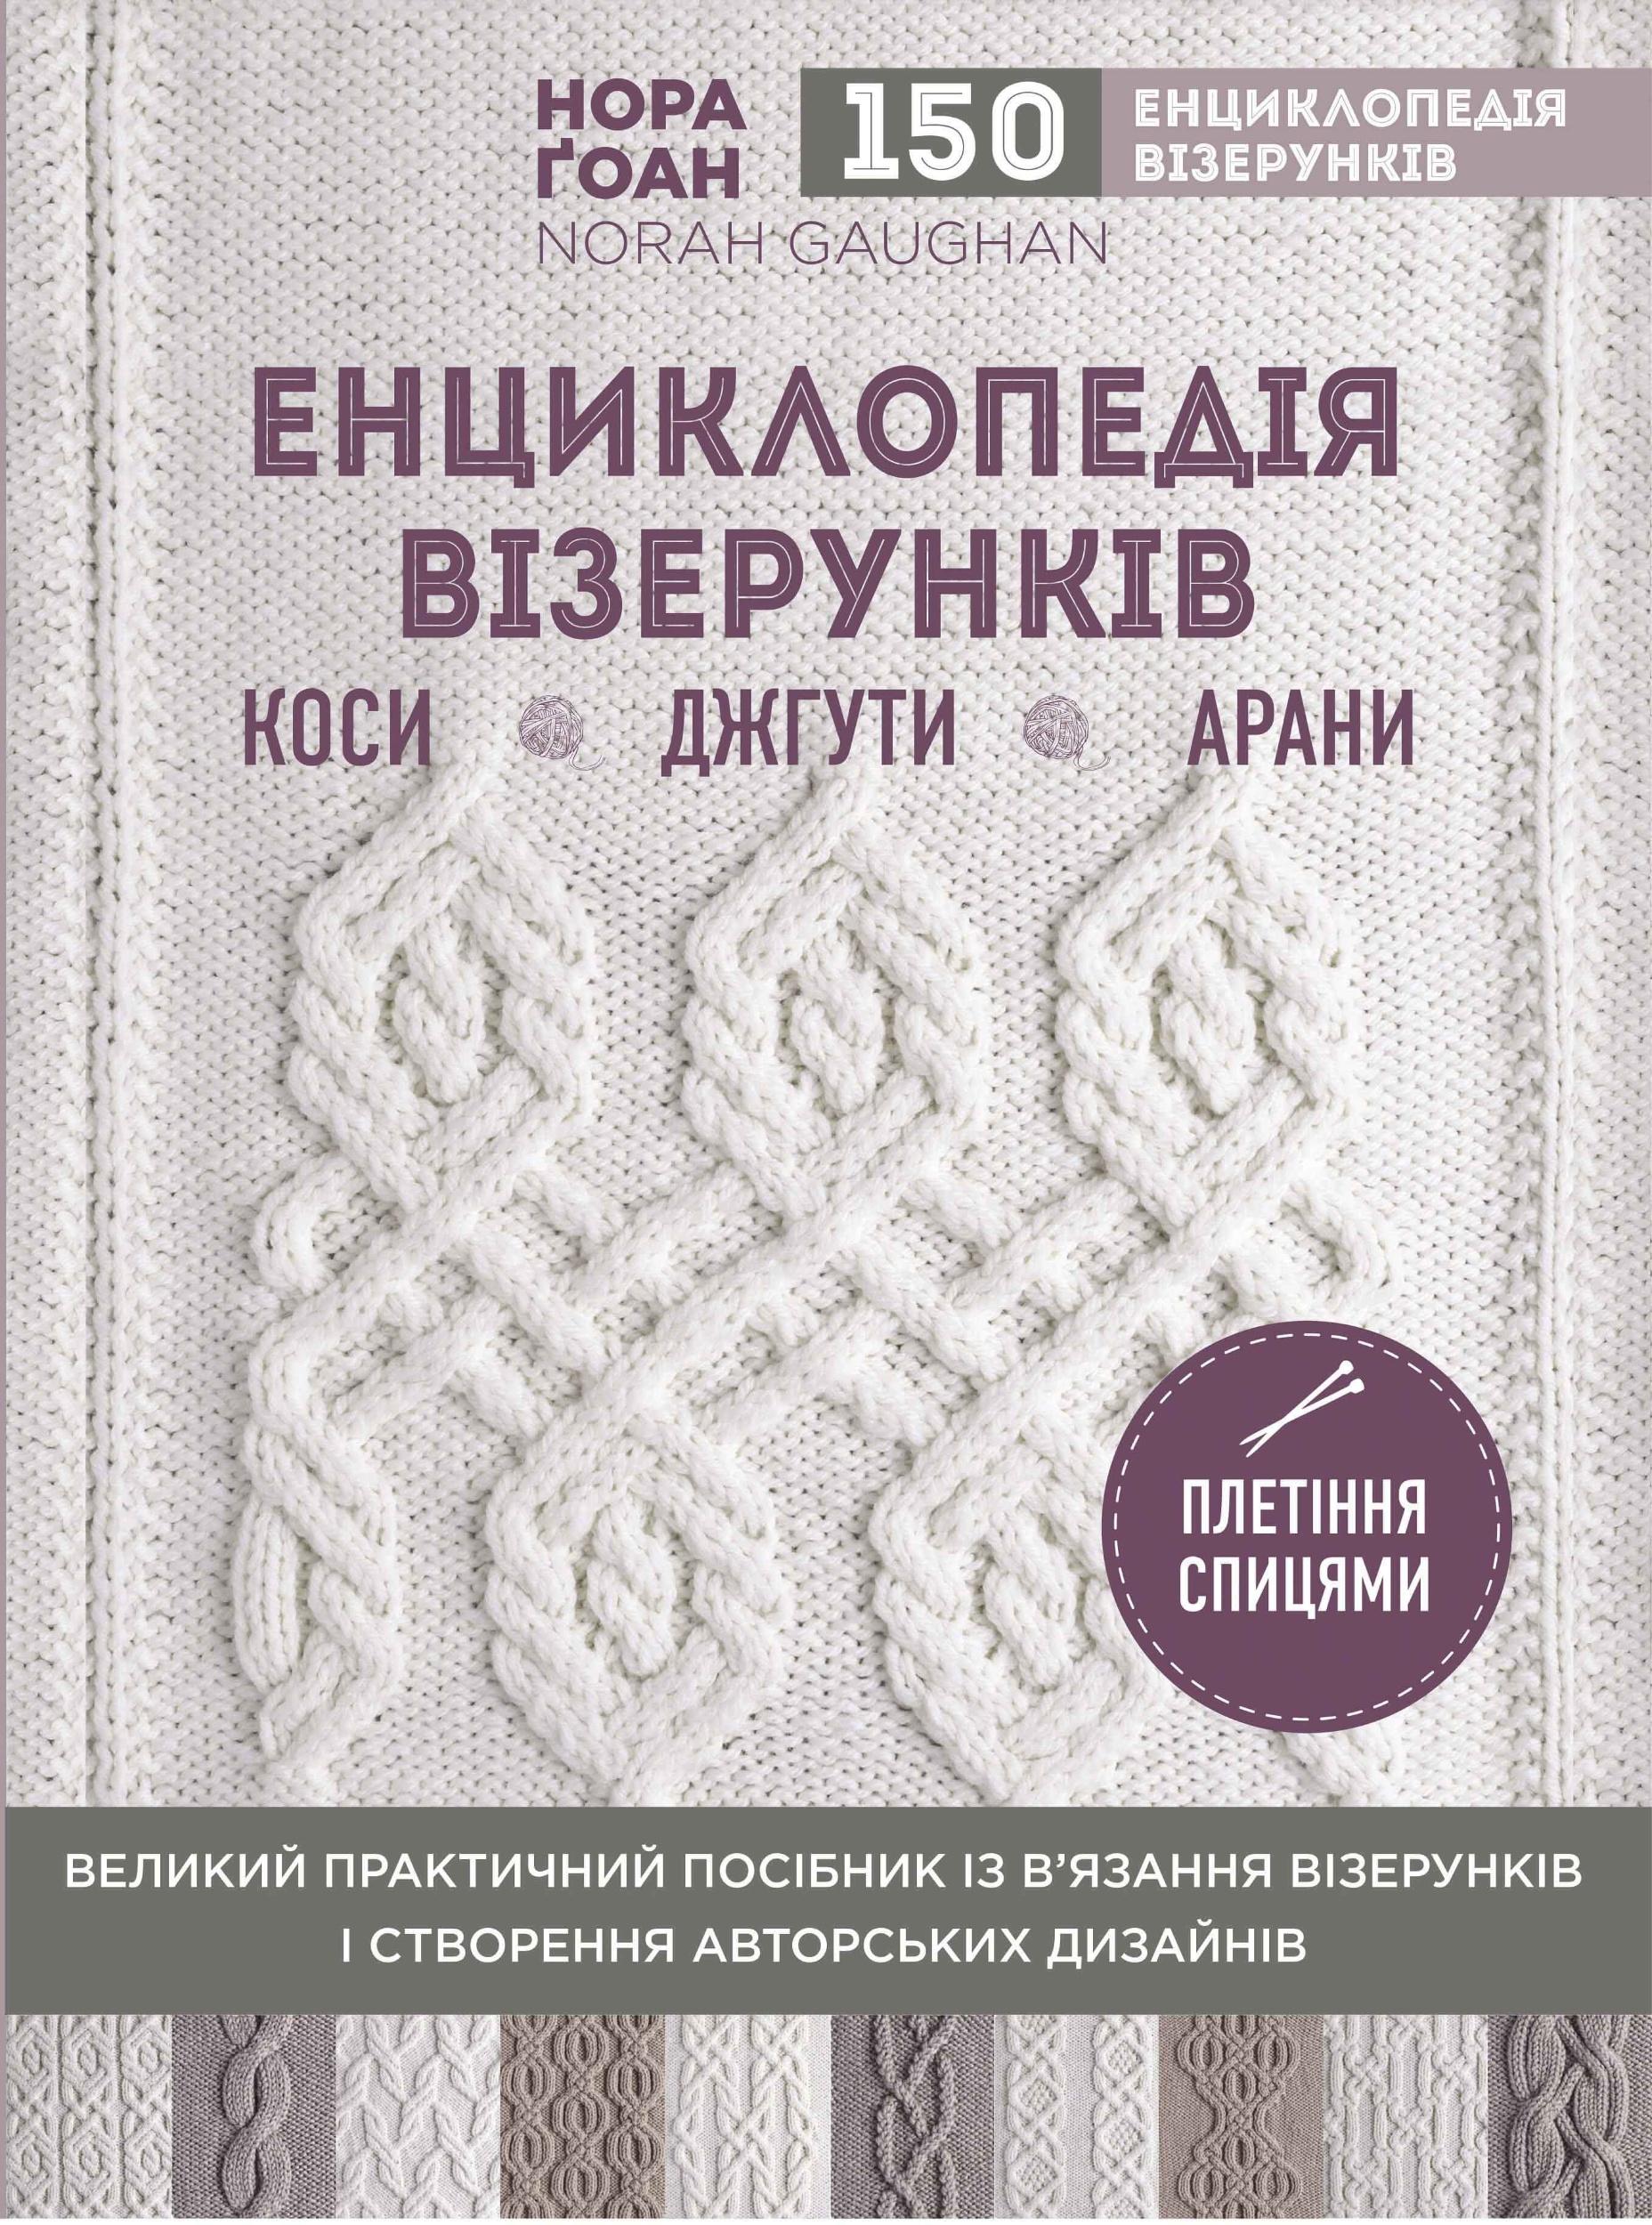 Енциклопедія візерунків. Коси, джгути, арани: плетіння спицями